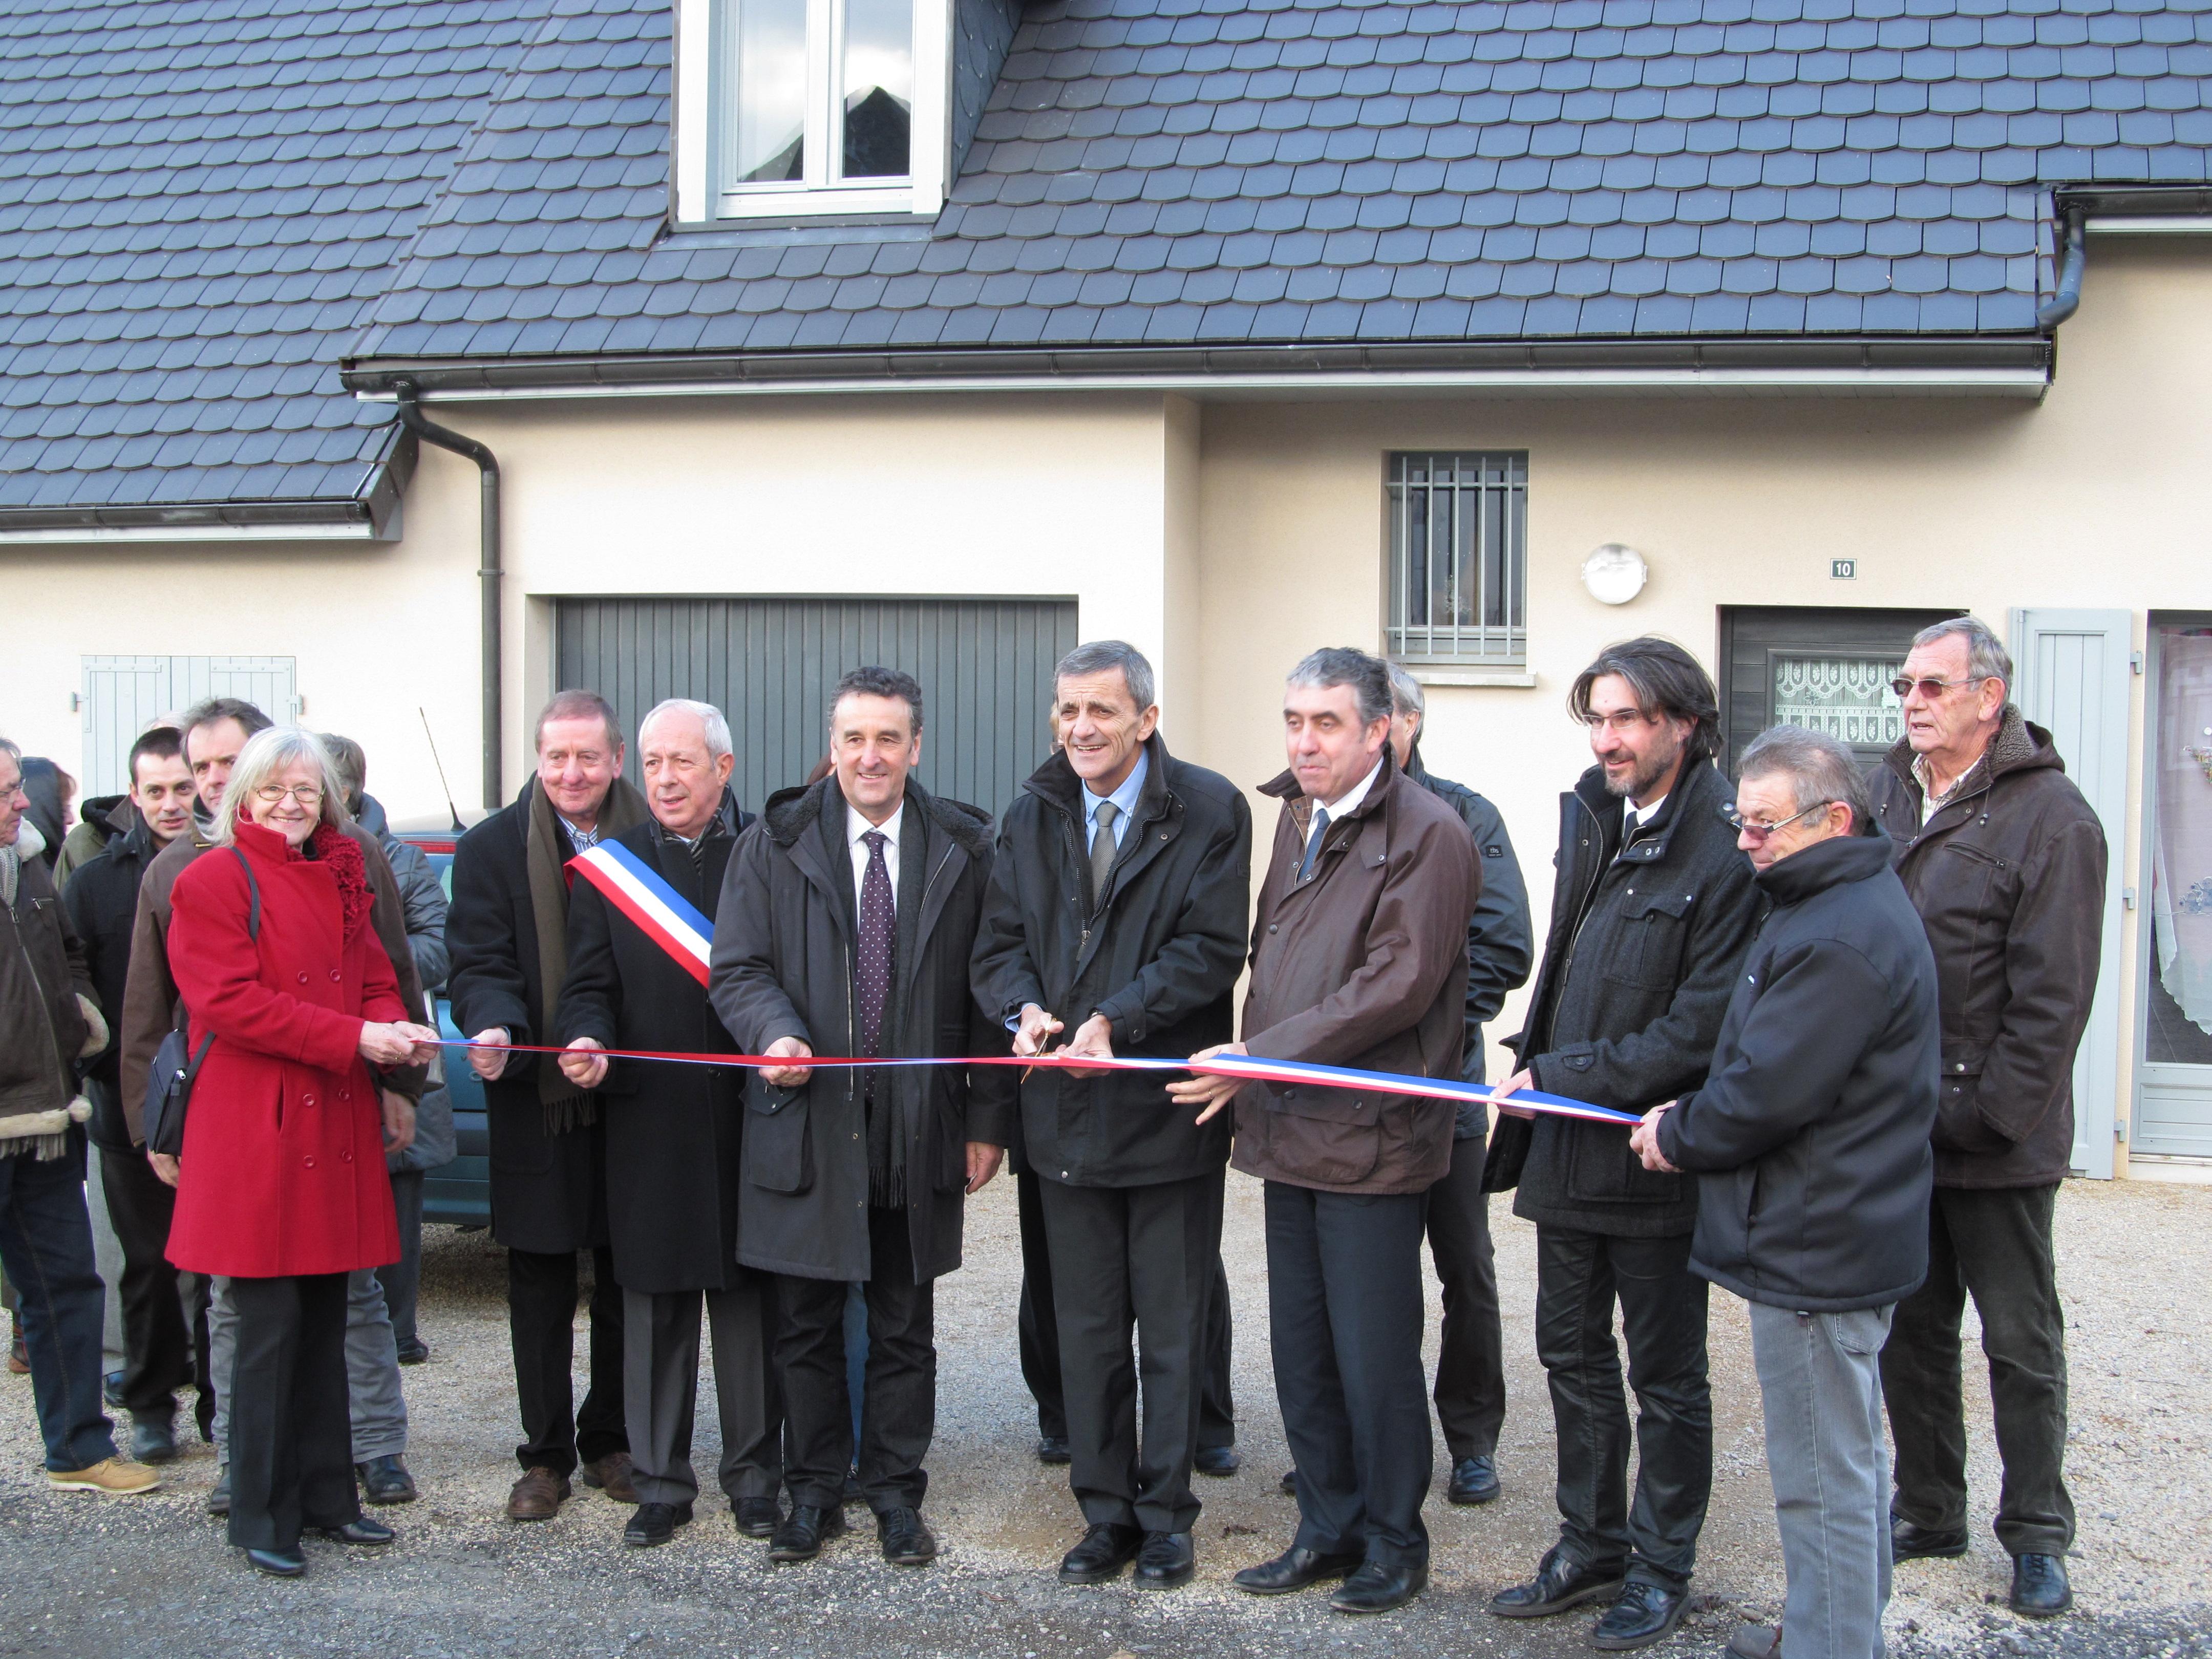 Inauguration de deux pavillons à Saignes le 30 novembre 2012